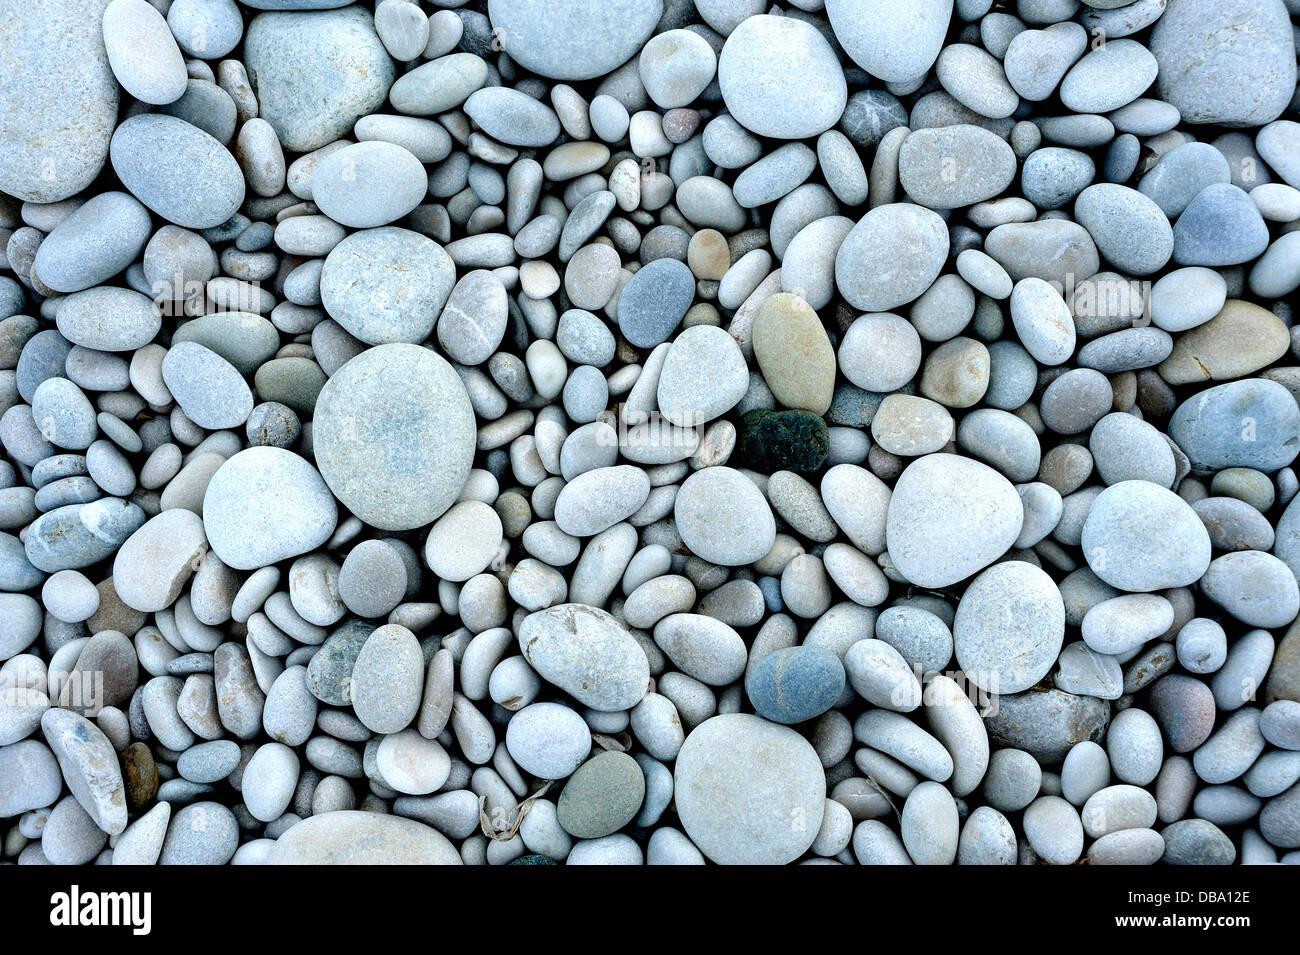 Cailloux ou de petits cailloux SUR UNE PLAGE Photo Stock